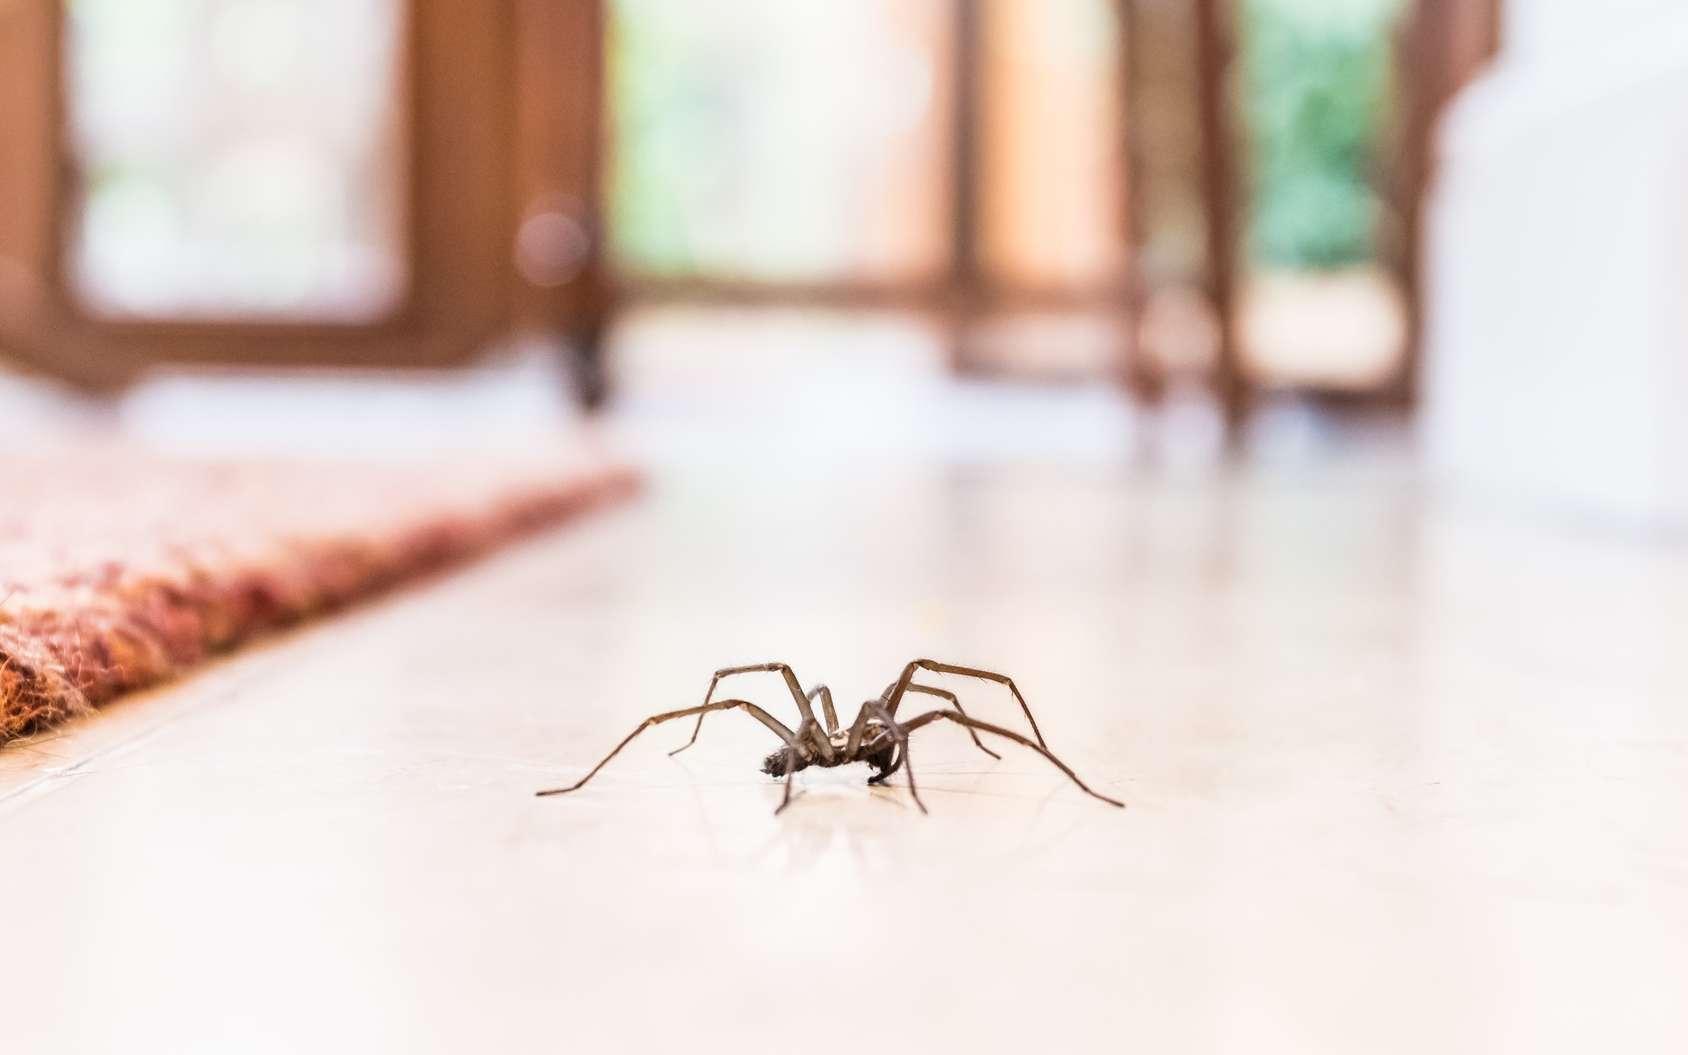 Les araignées de maison nous aident à éliminer naturellement toutes sortes d'insectes indésirables. Il ne faut donc pas les tuer ! © cbckchristine, fotolia